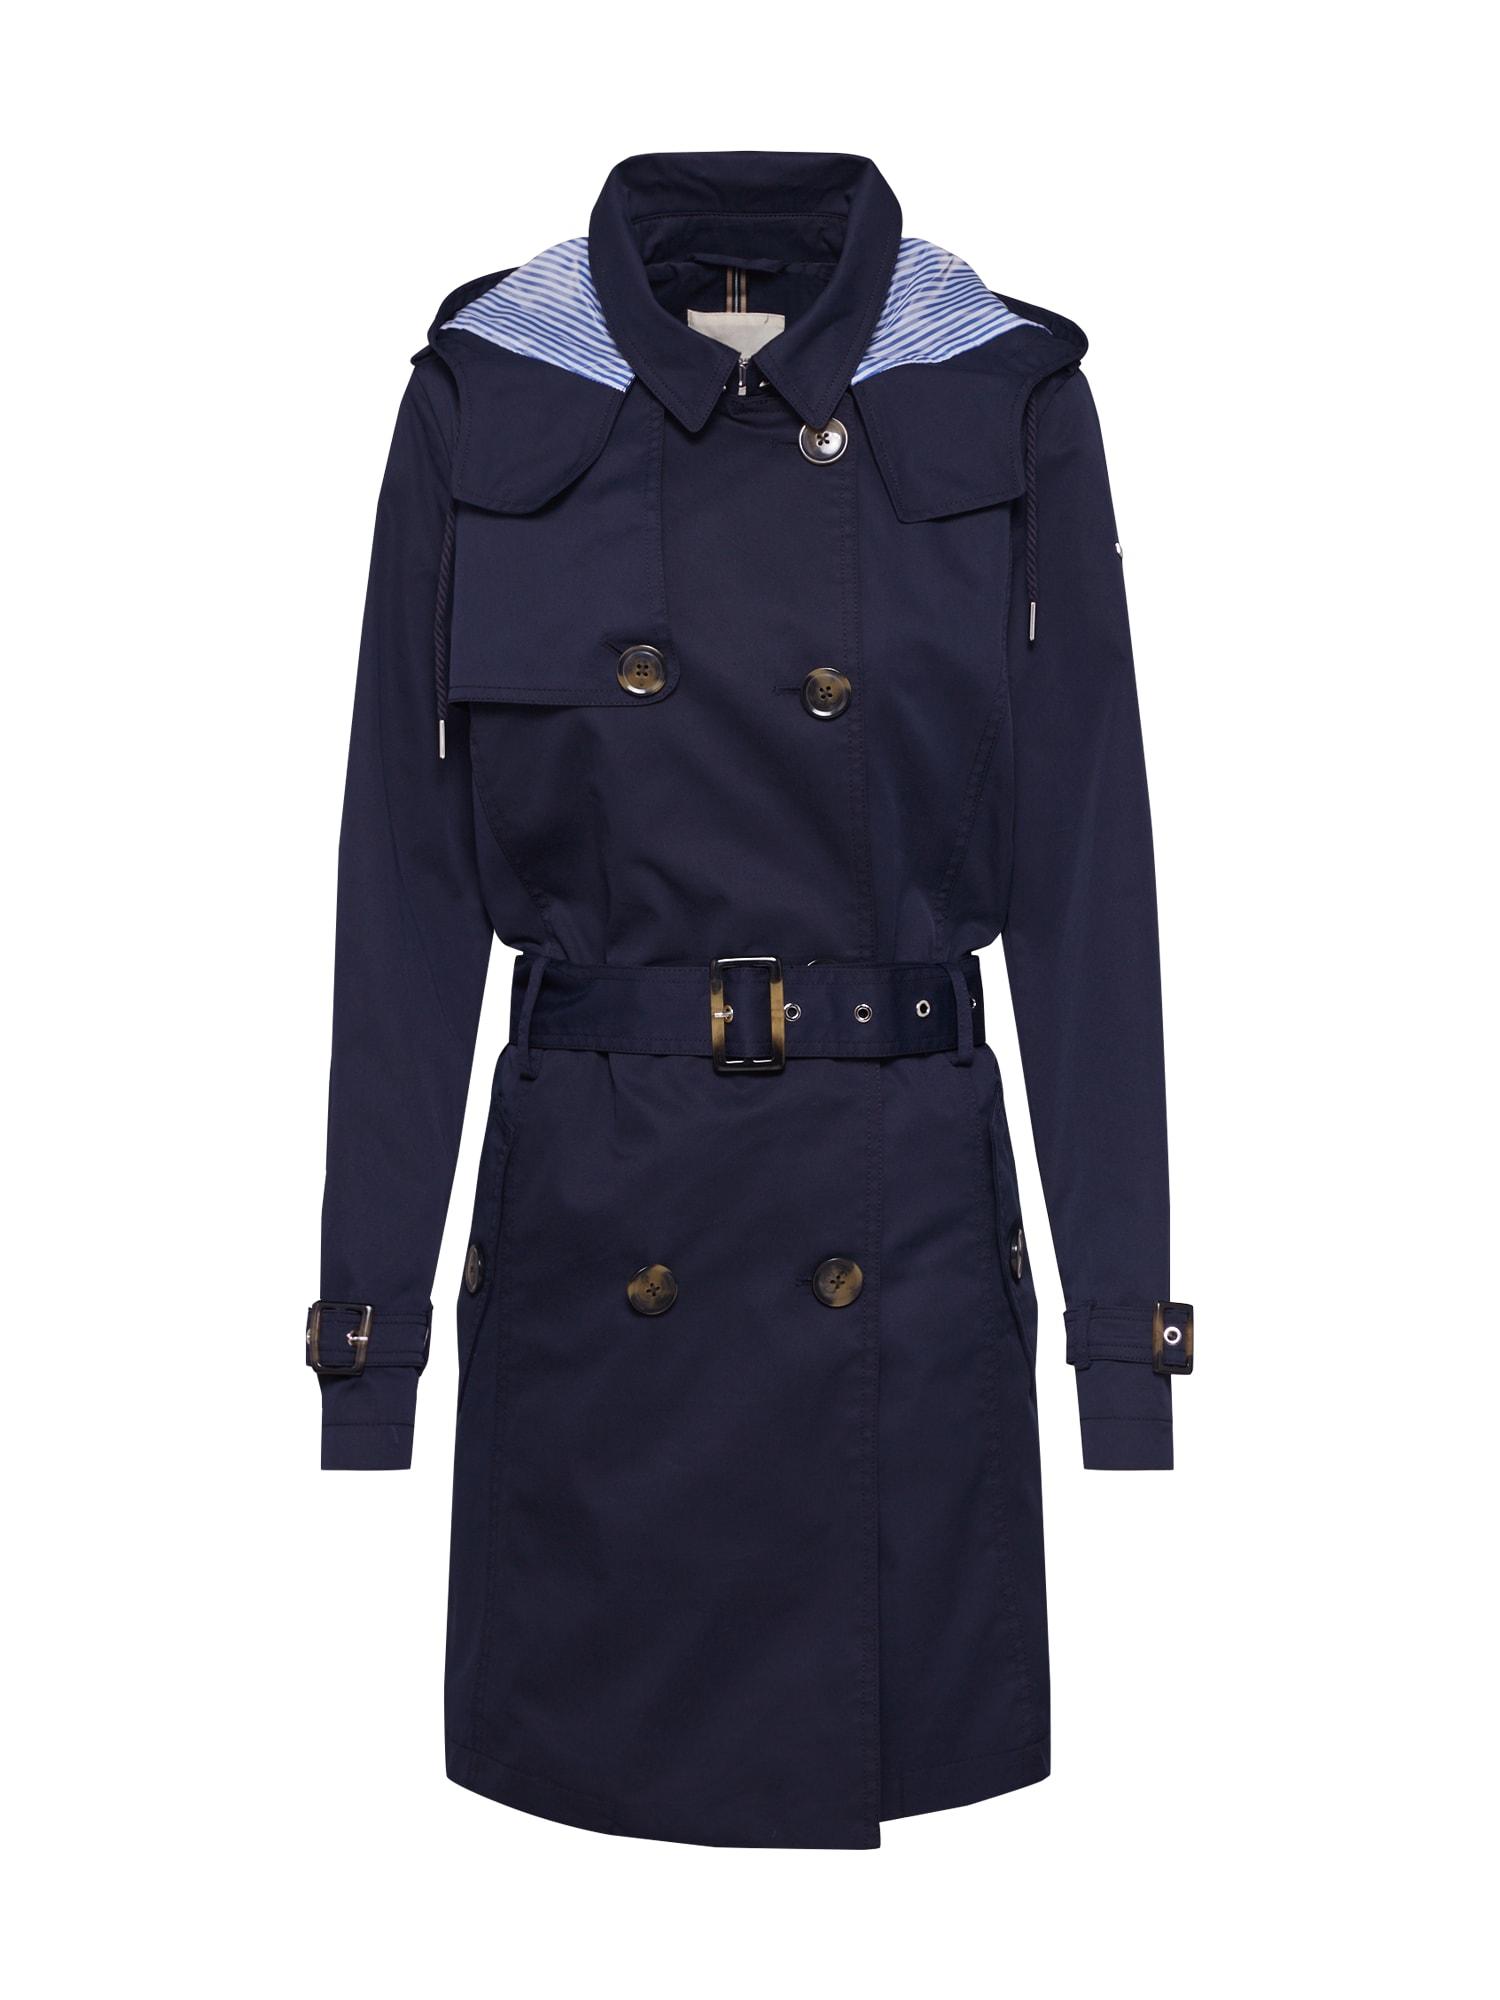 ESPRIT Rudeninis-žieminis paltas 'Classic Trench' tamsiai mėlyna